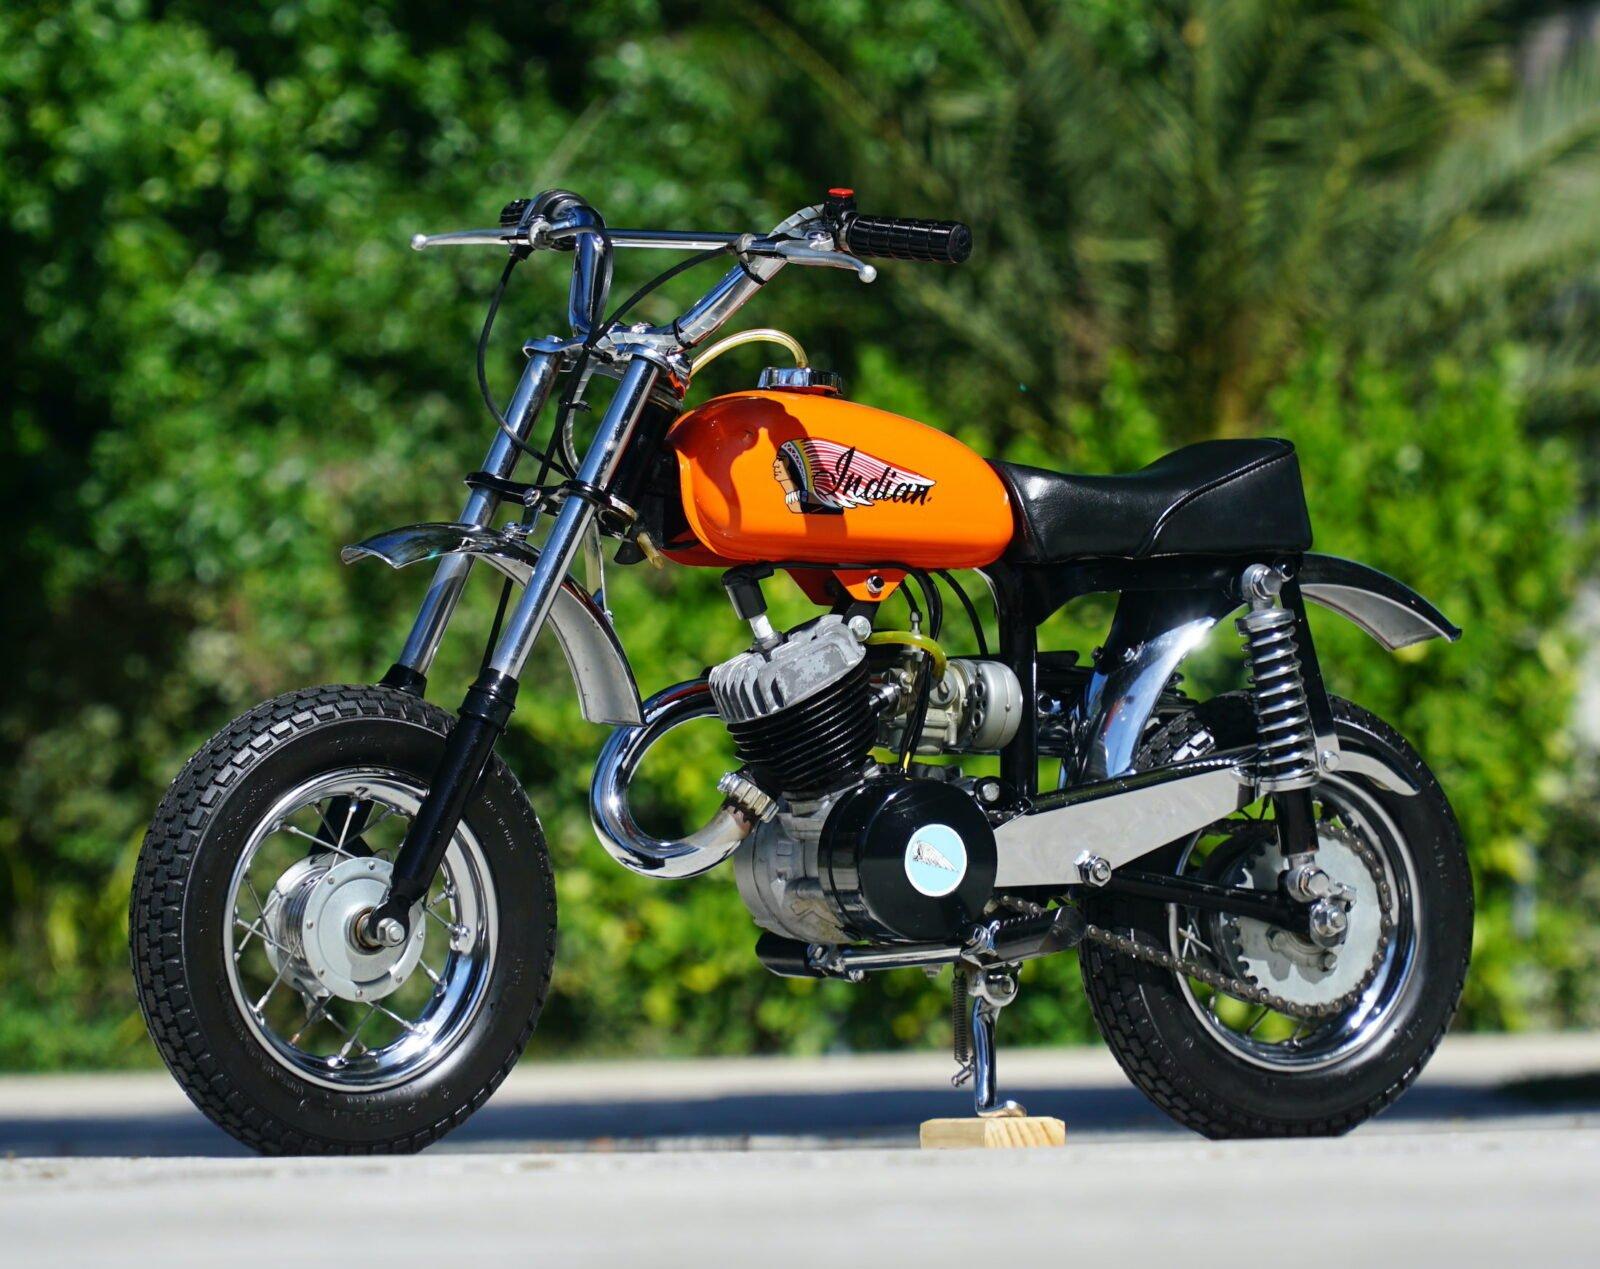 Indian MM5A Mini Bikes